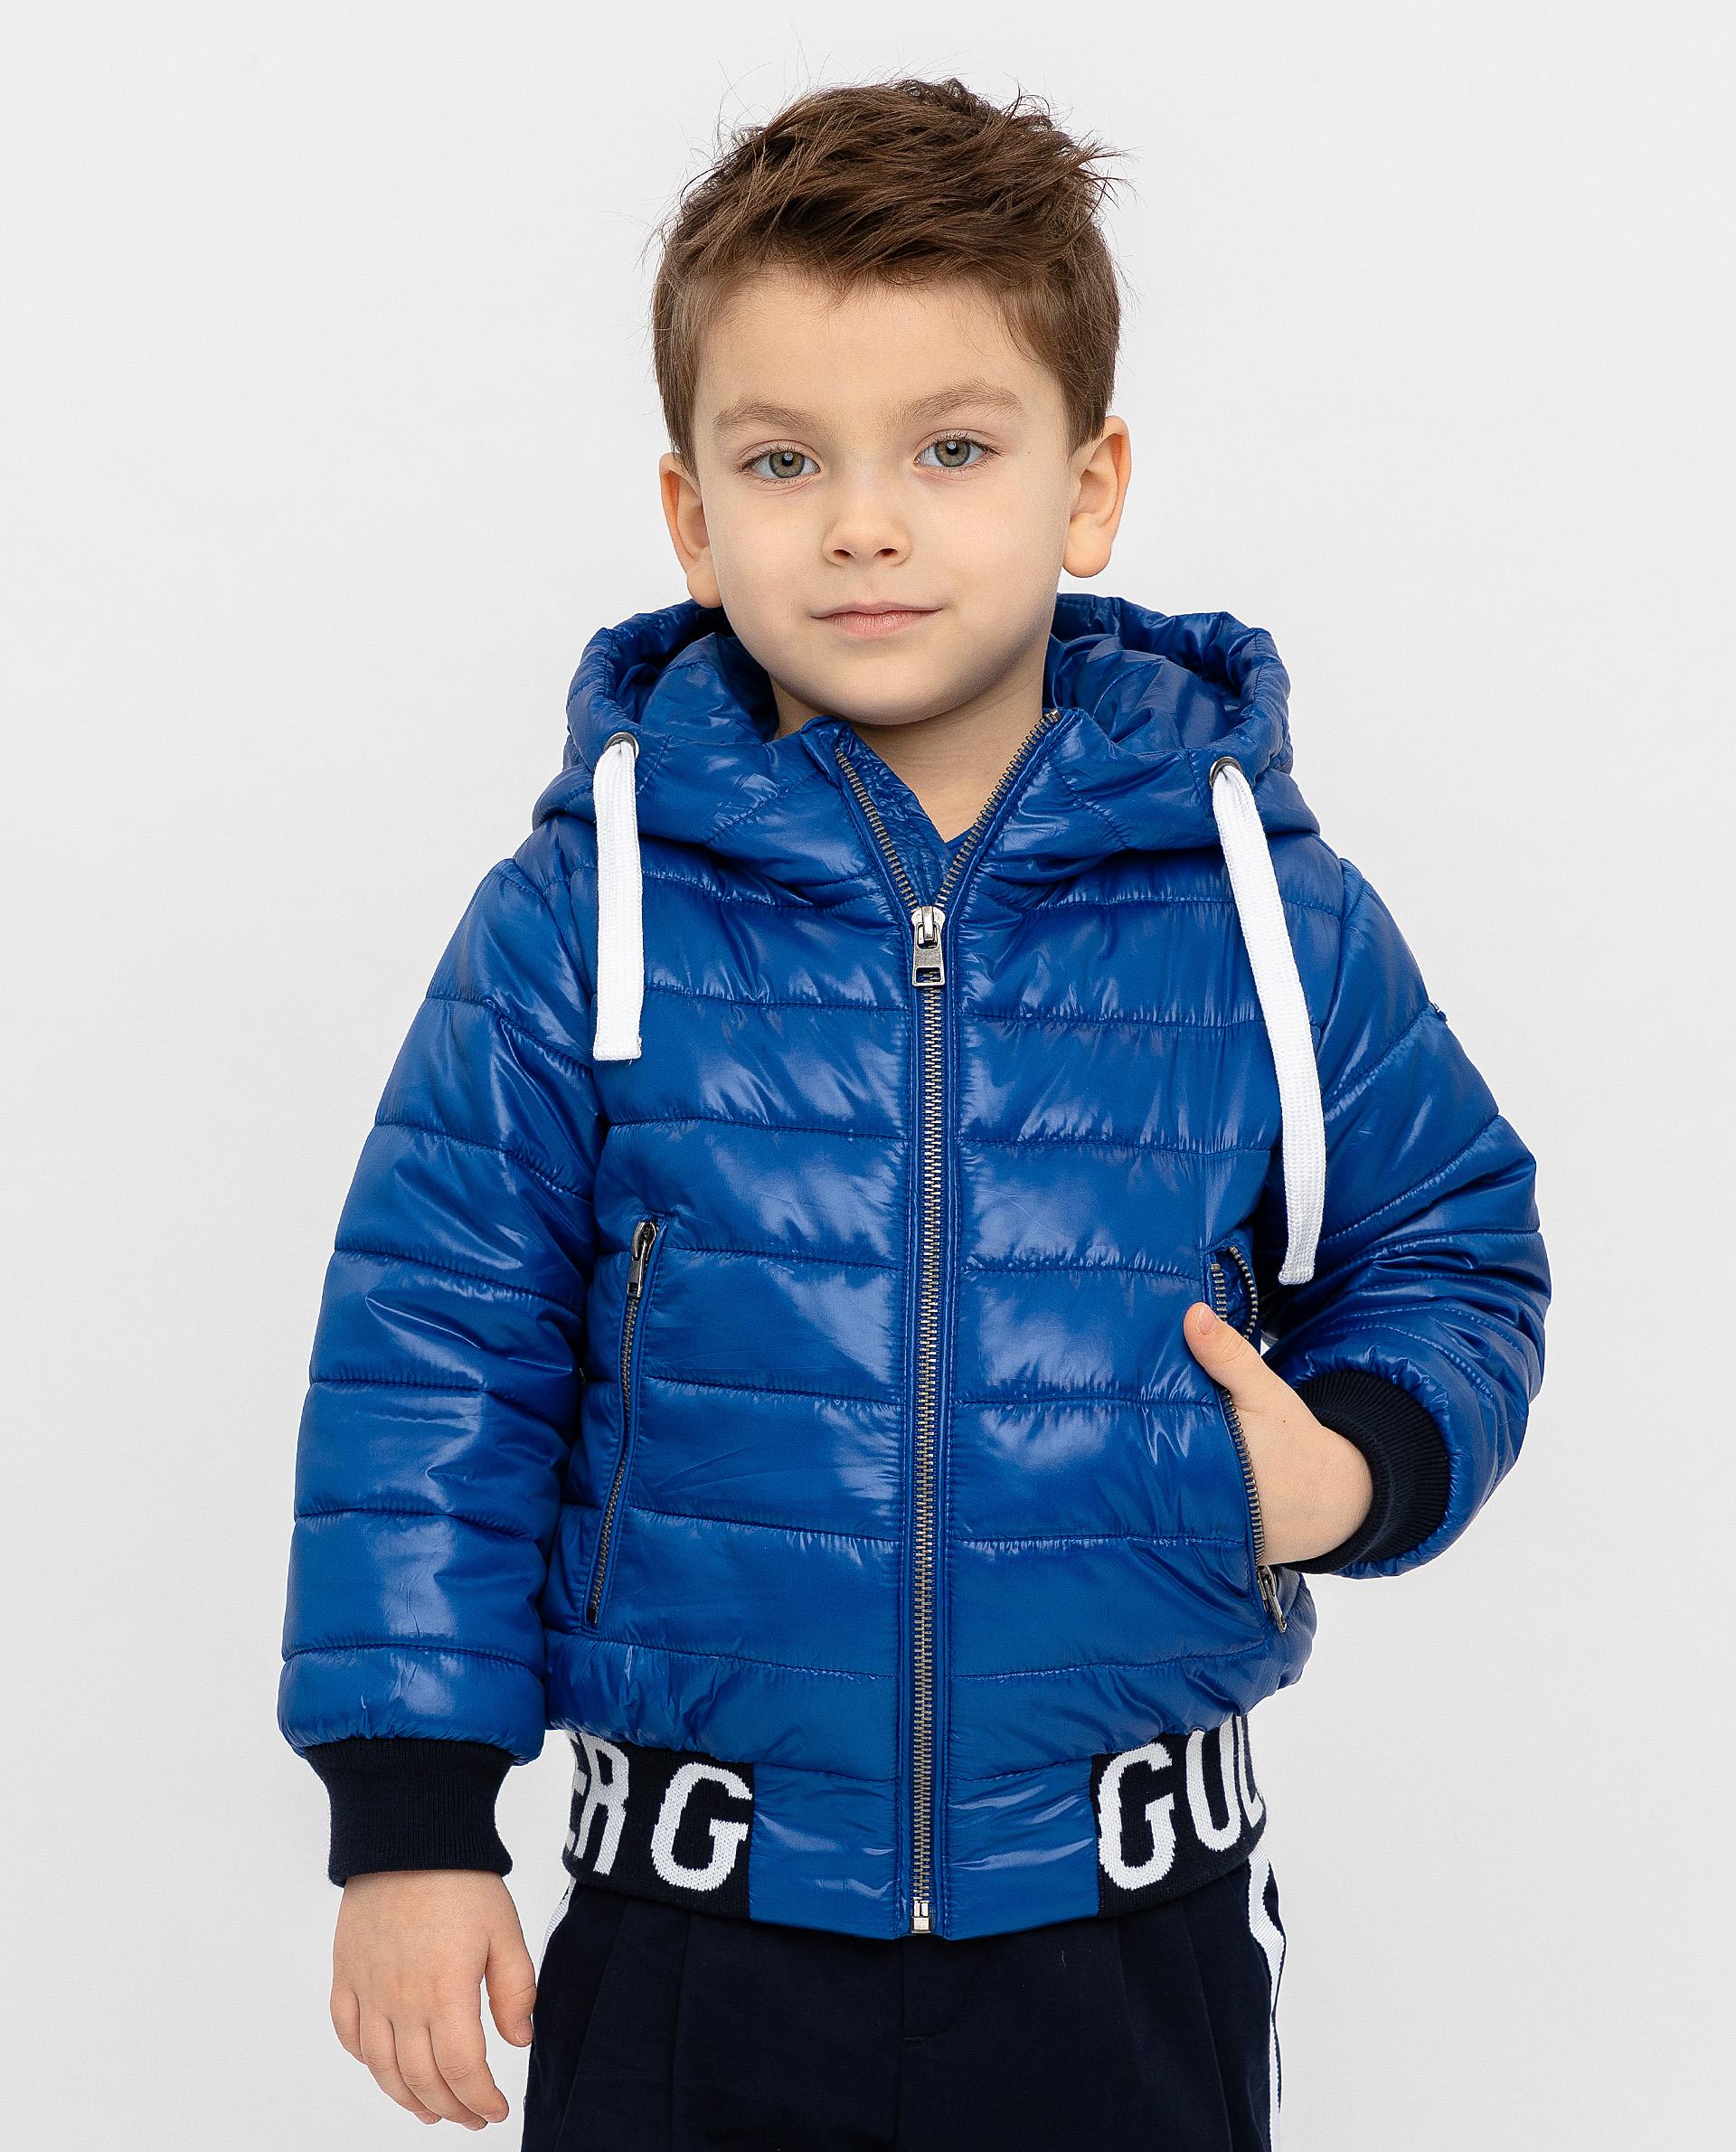 Синяя демисезонная куртка Gulliver 12004BMC4101 синего цвета